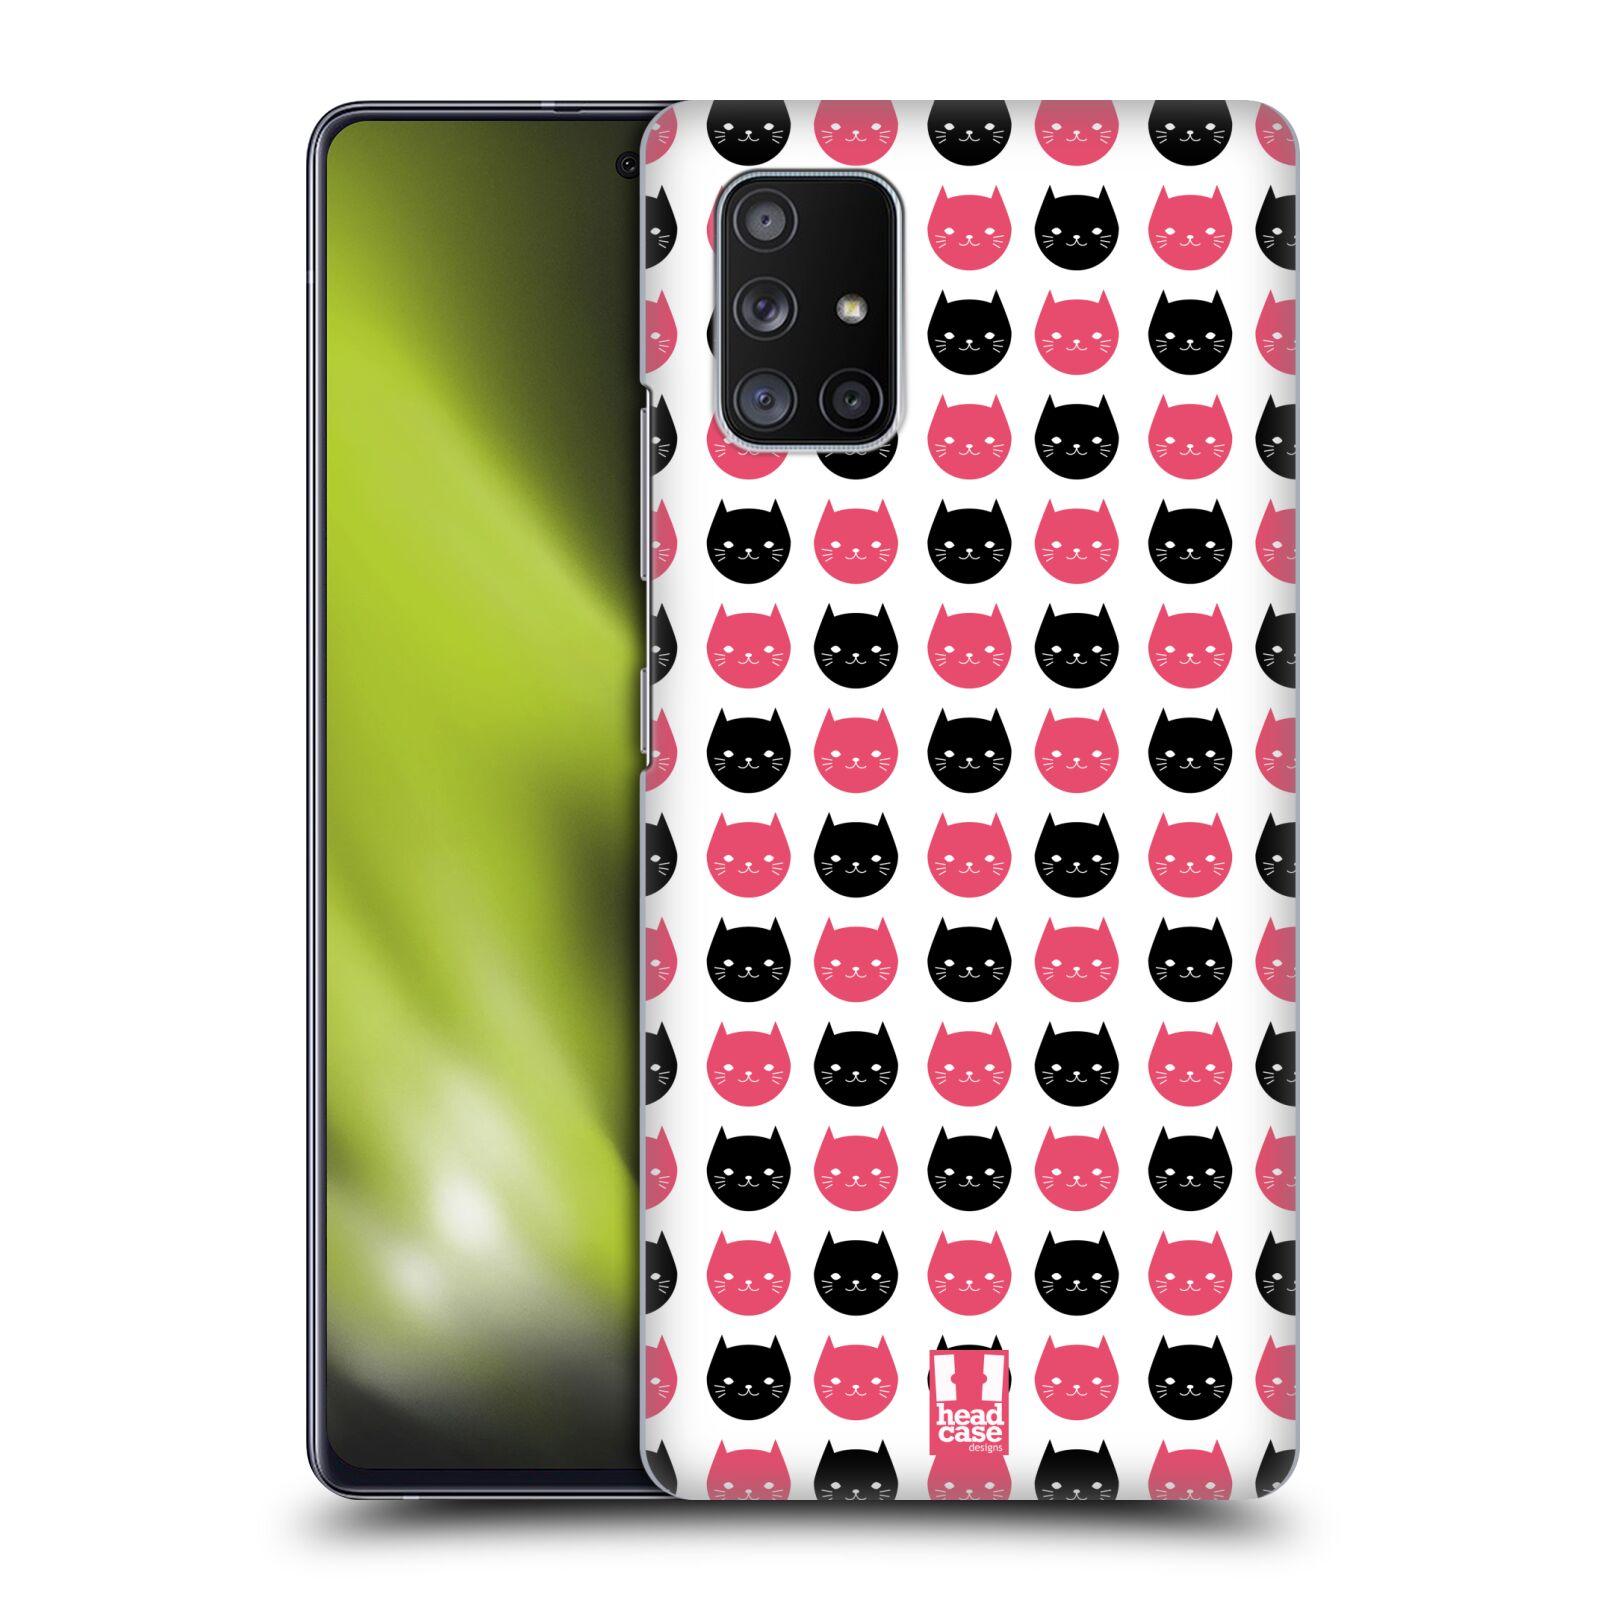 Plastové pouzdro na mobil Samsung Galaxy A51 5G - Head Case - KOČKY Black and Pink